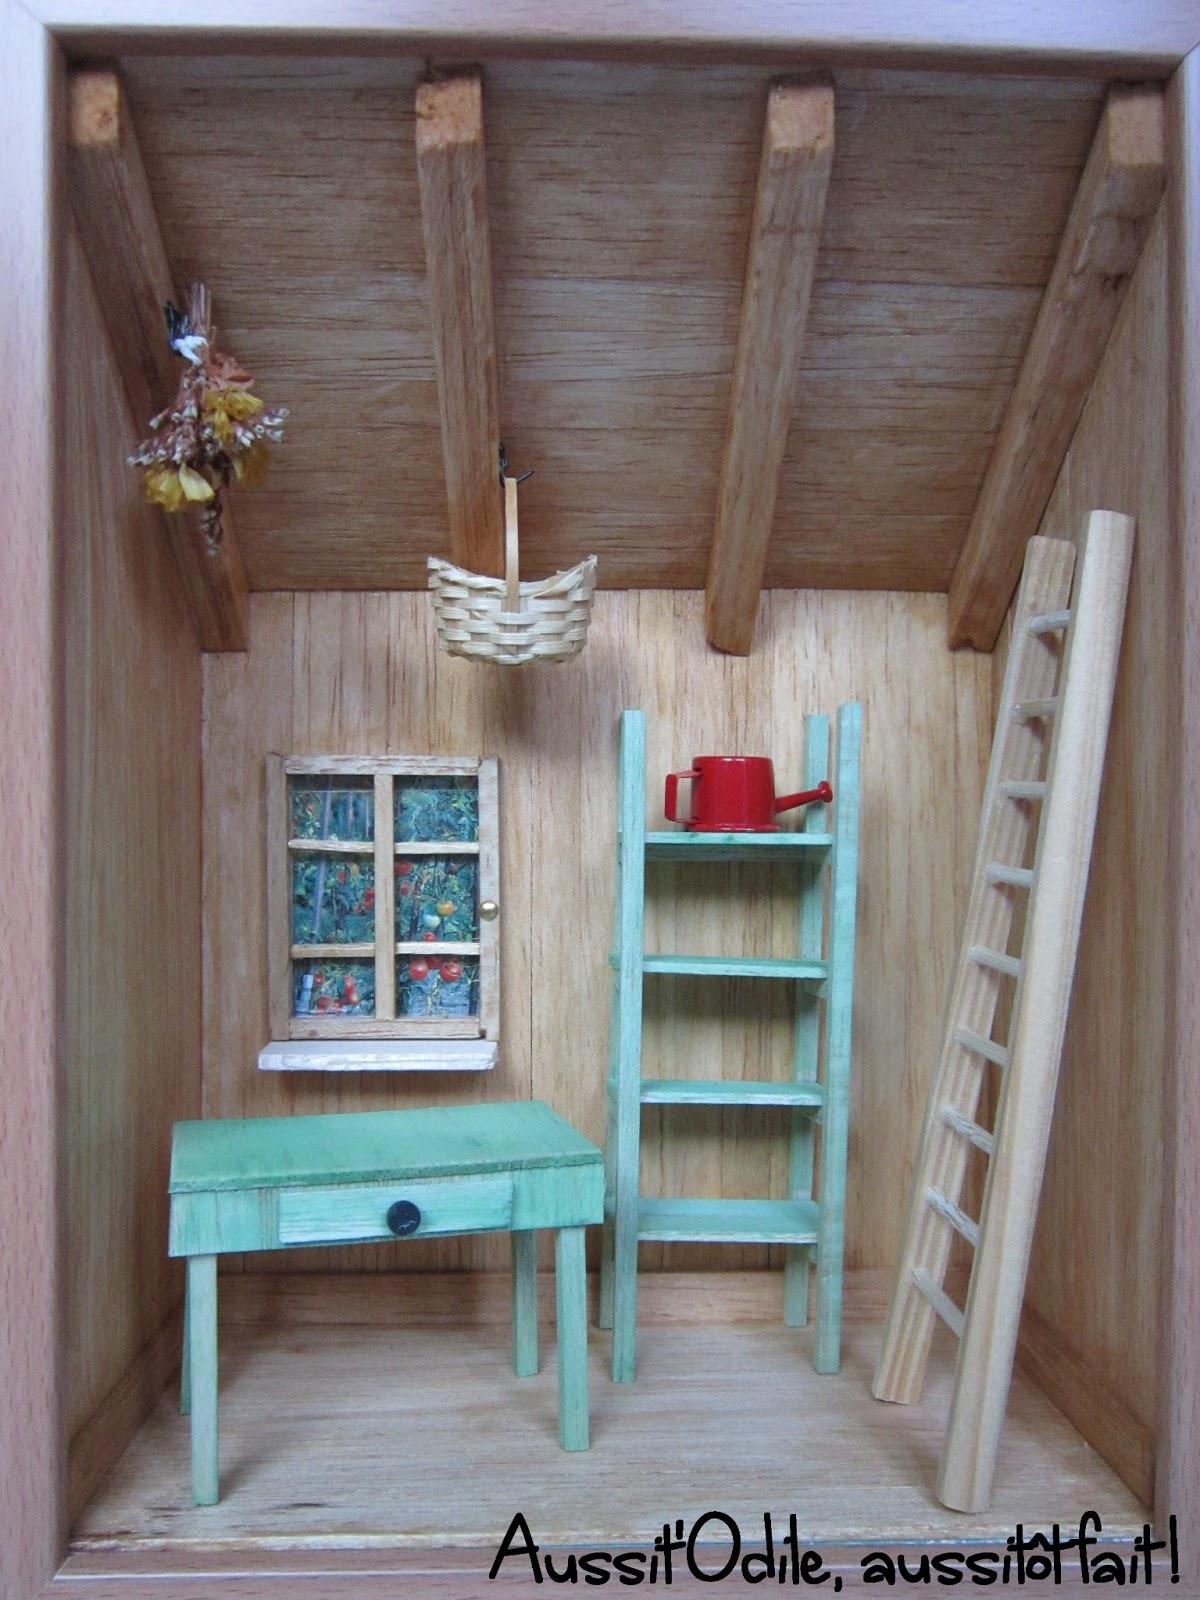 aussit 39 odile aussit t fait tuto pour r aliser une vitrine miniature 4. Black Bedroom Furniture Sets. Home Design Ideas